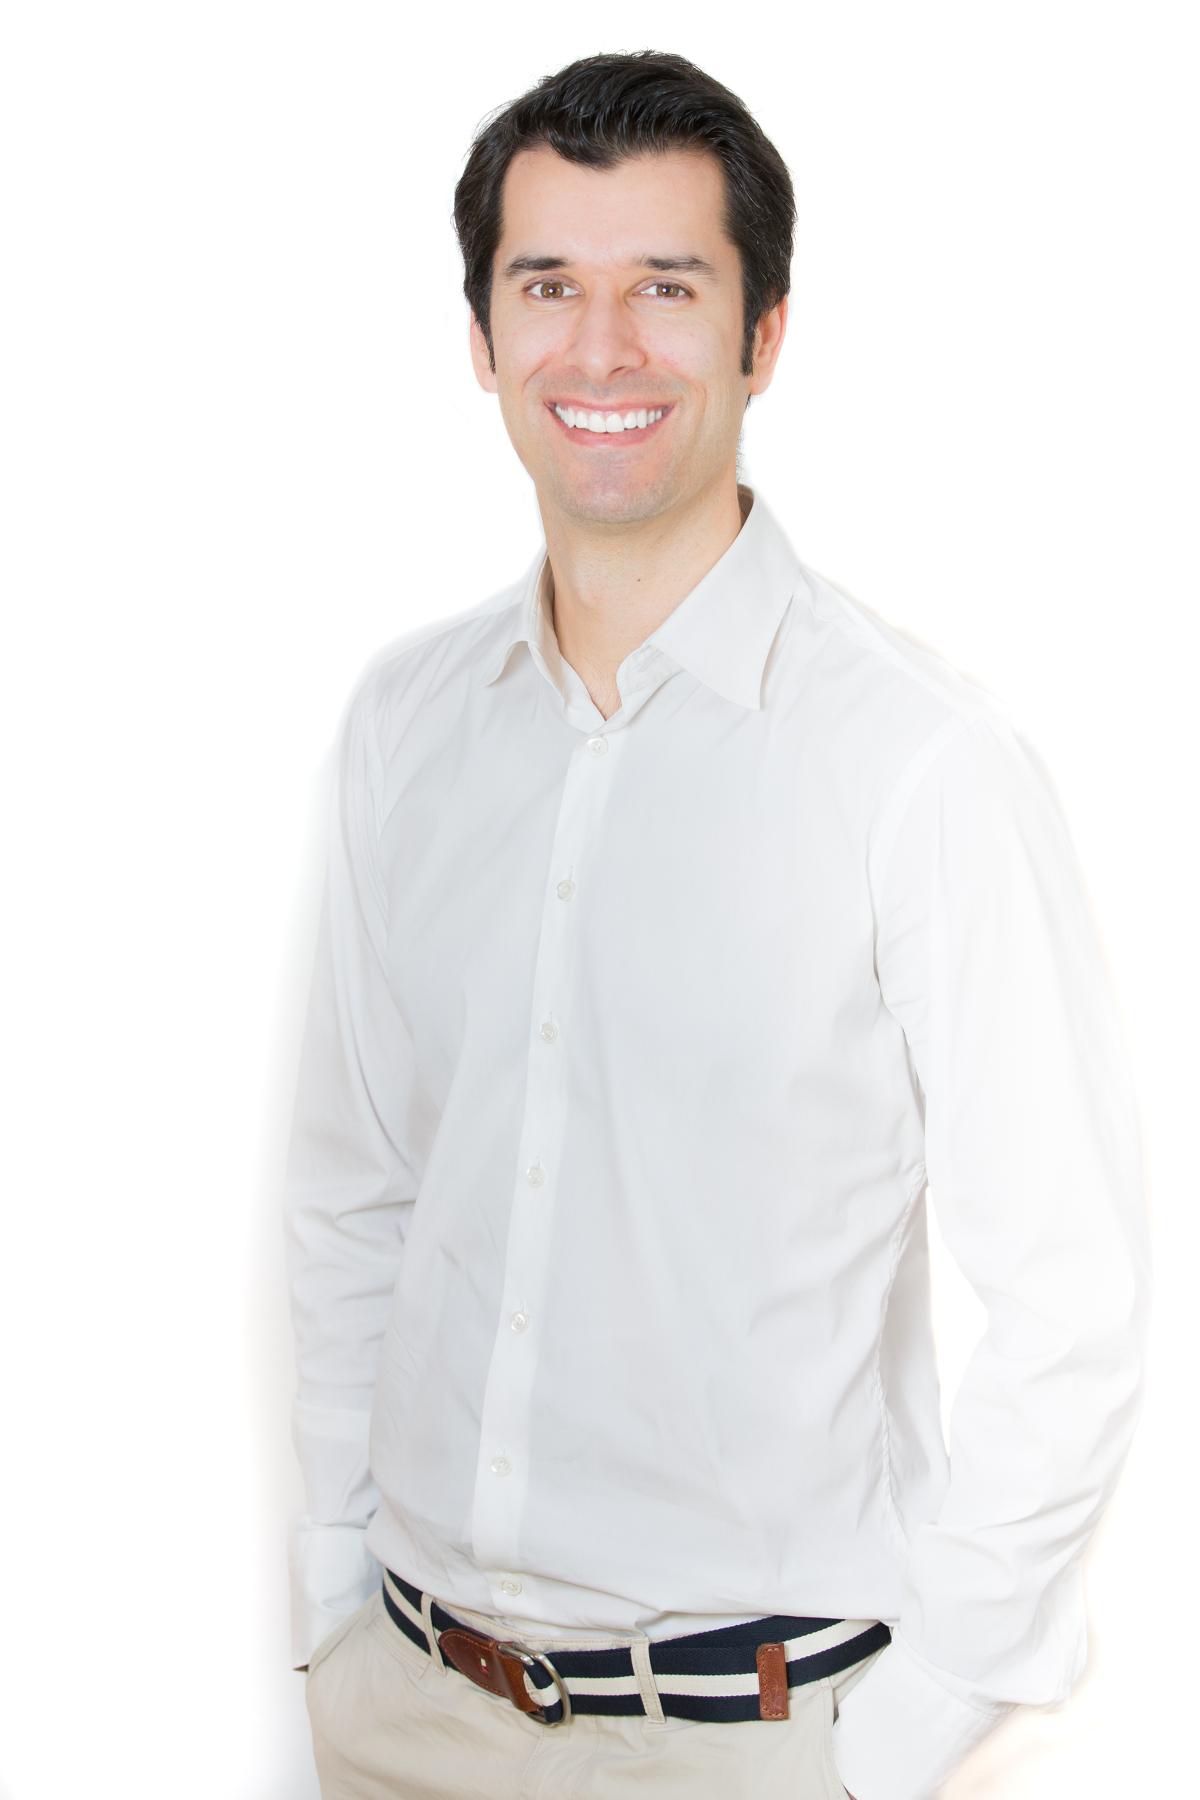 Arzt für Augenheilkunde und Optometrie